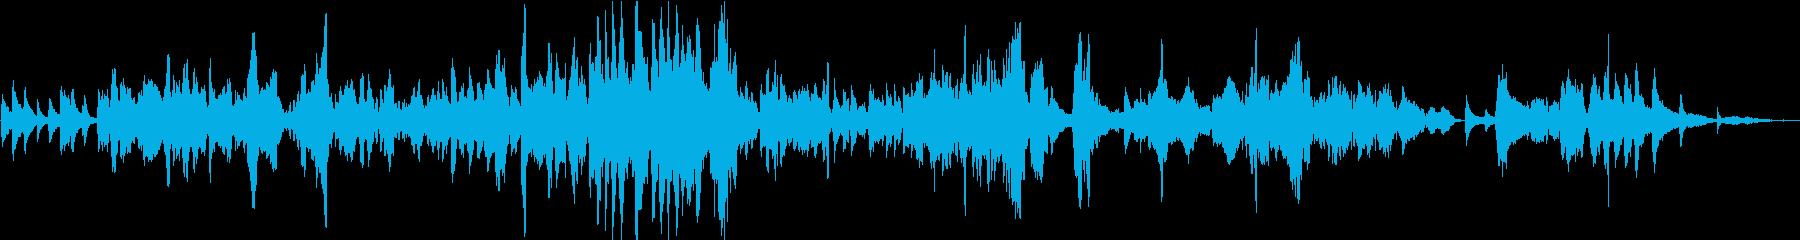 グラズノフ「瞑想曲」/バイオリン生演奏の再生済みの波形